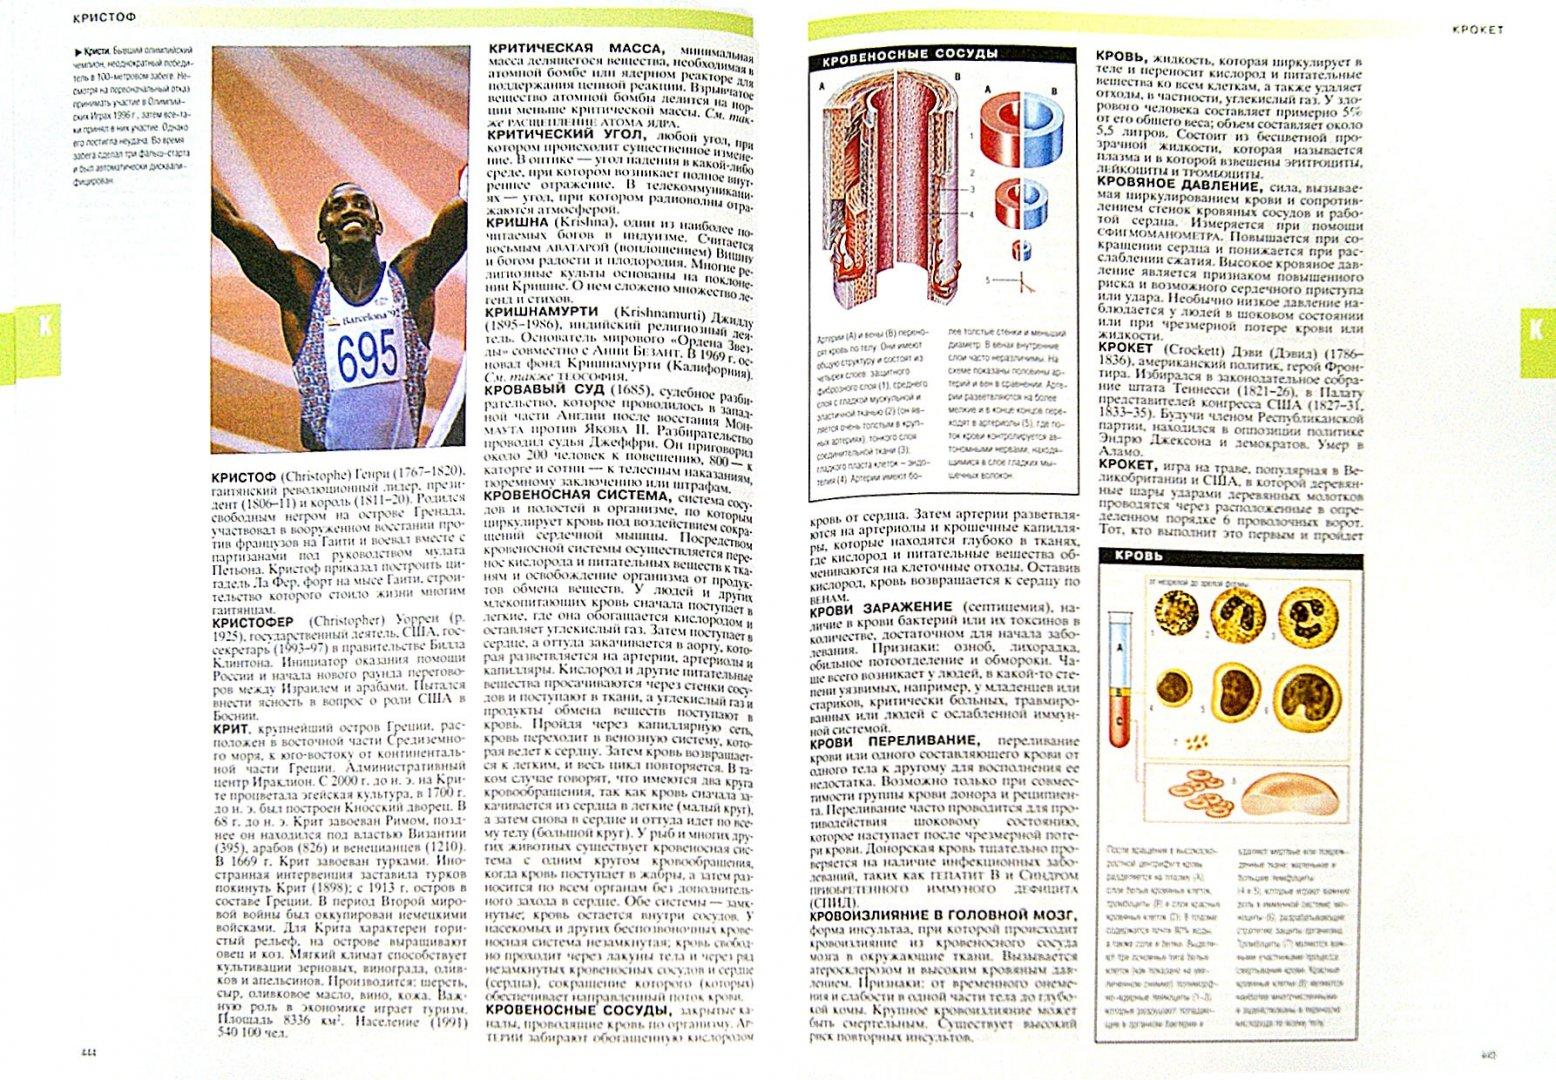 Иллюстрация 1 из 8 для Большой иллюстрированный энциклопедический словарь | Лабиринт - книги. Источник: Лабиринт